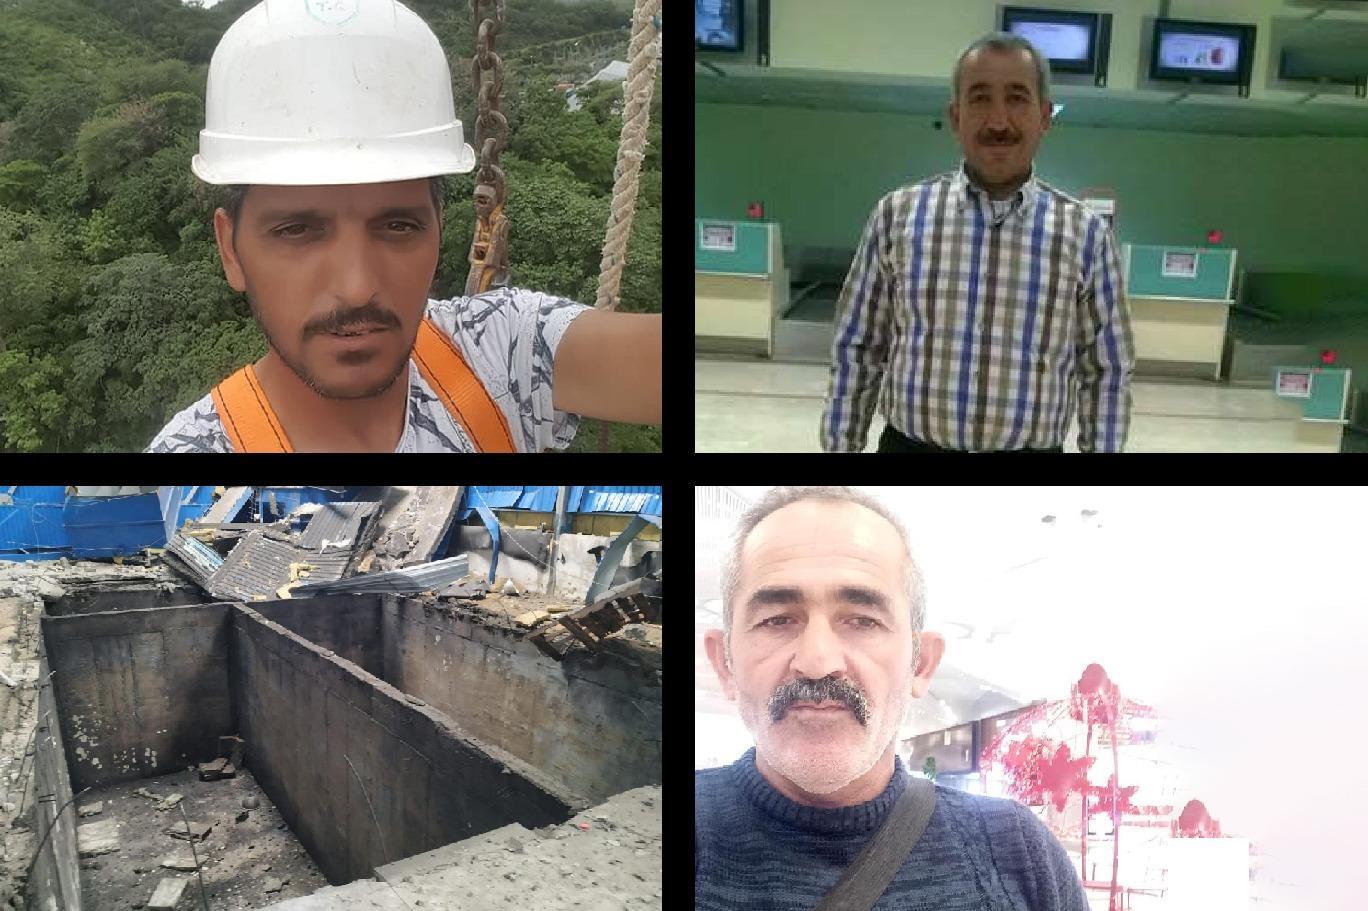 İş güvenliğinin az olduğu ülkelere çalışmaya giden Türk işçilerin cansız bedenleri geliyor